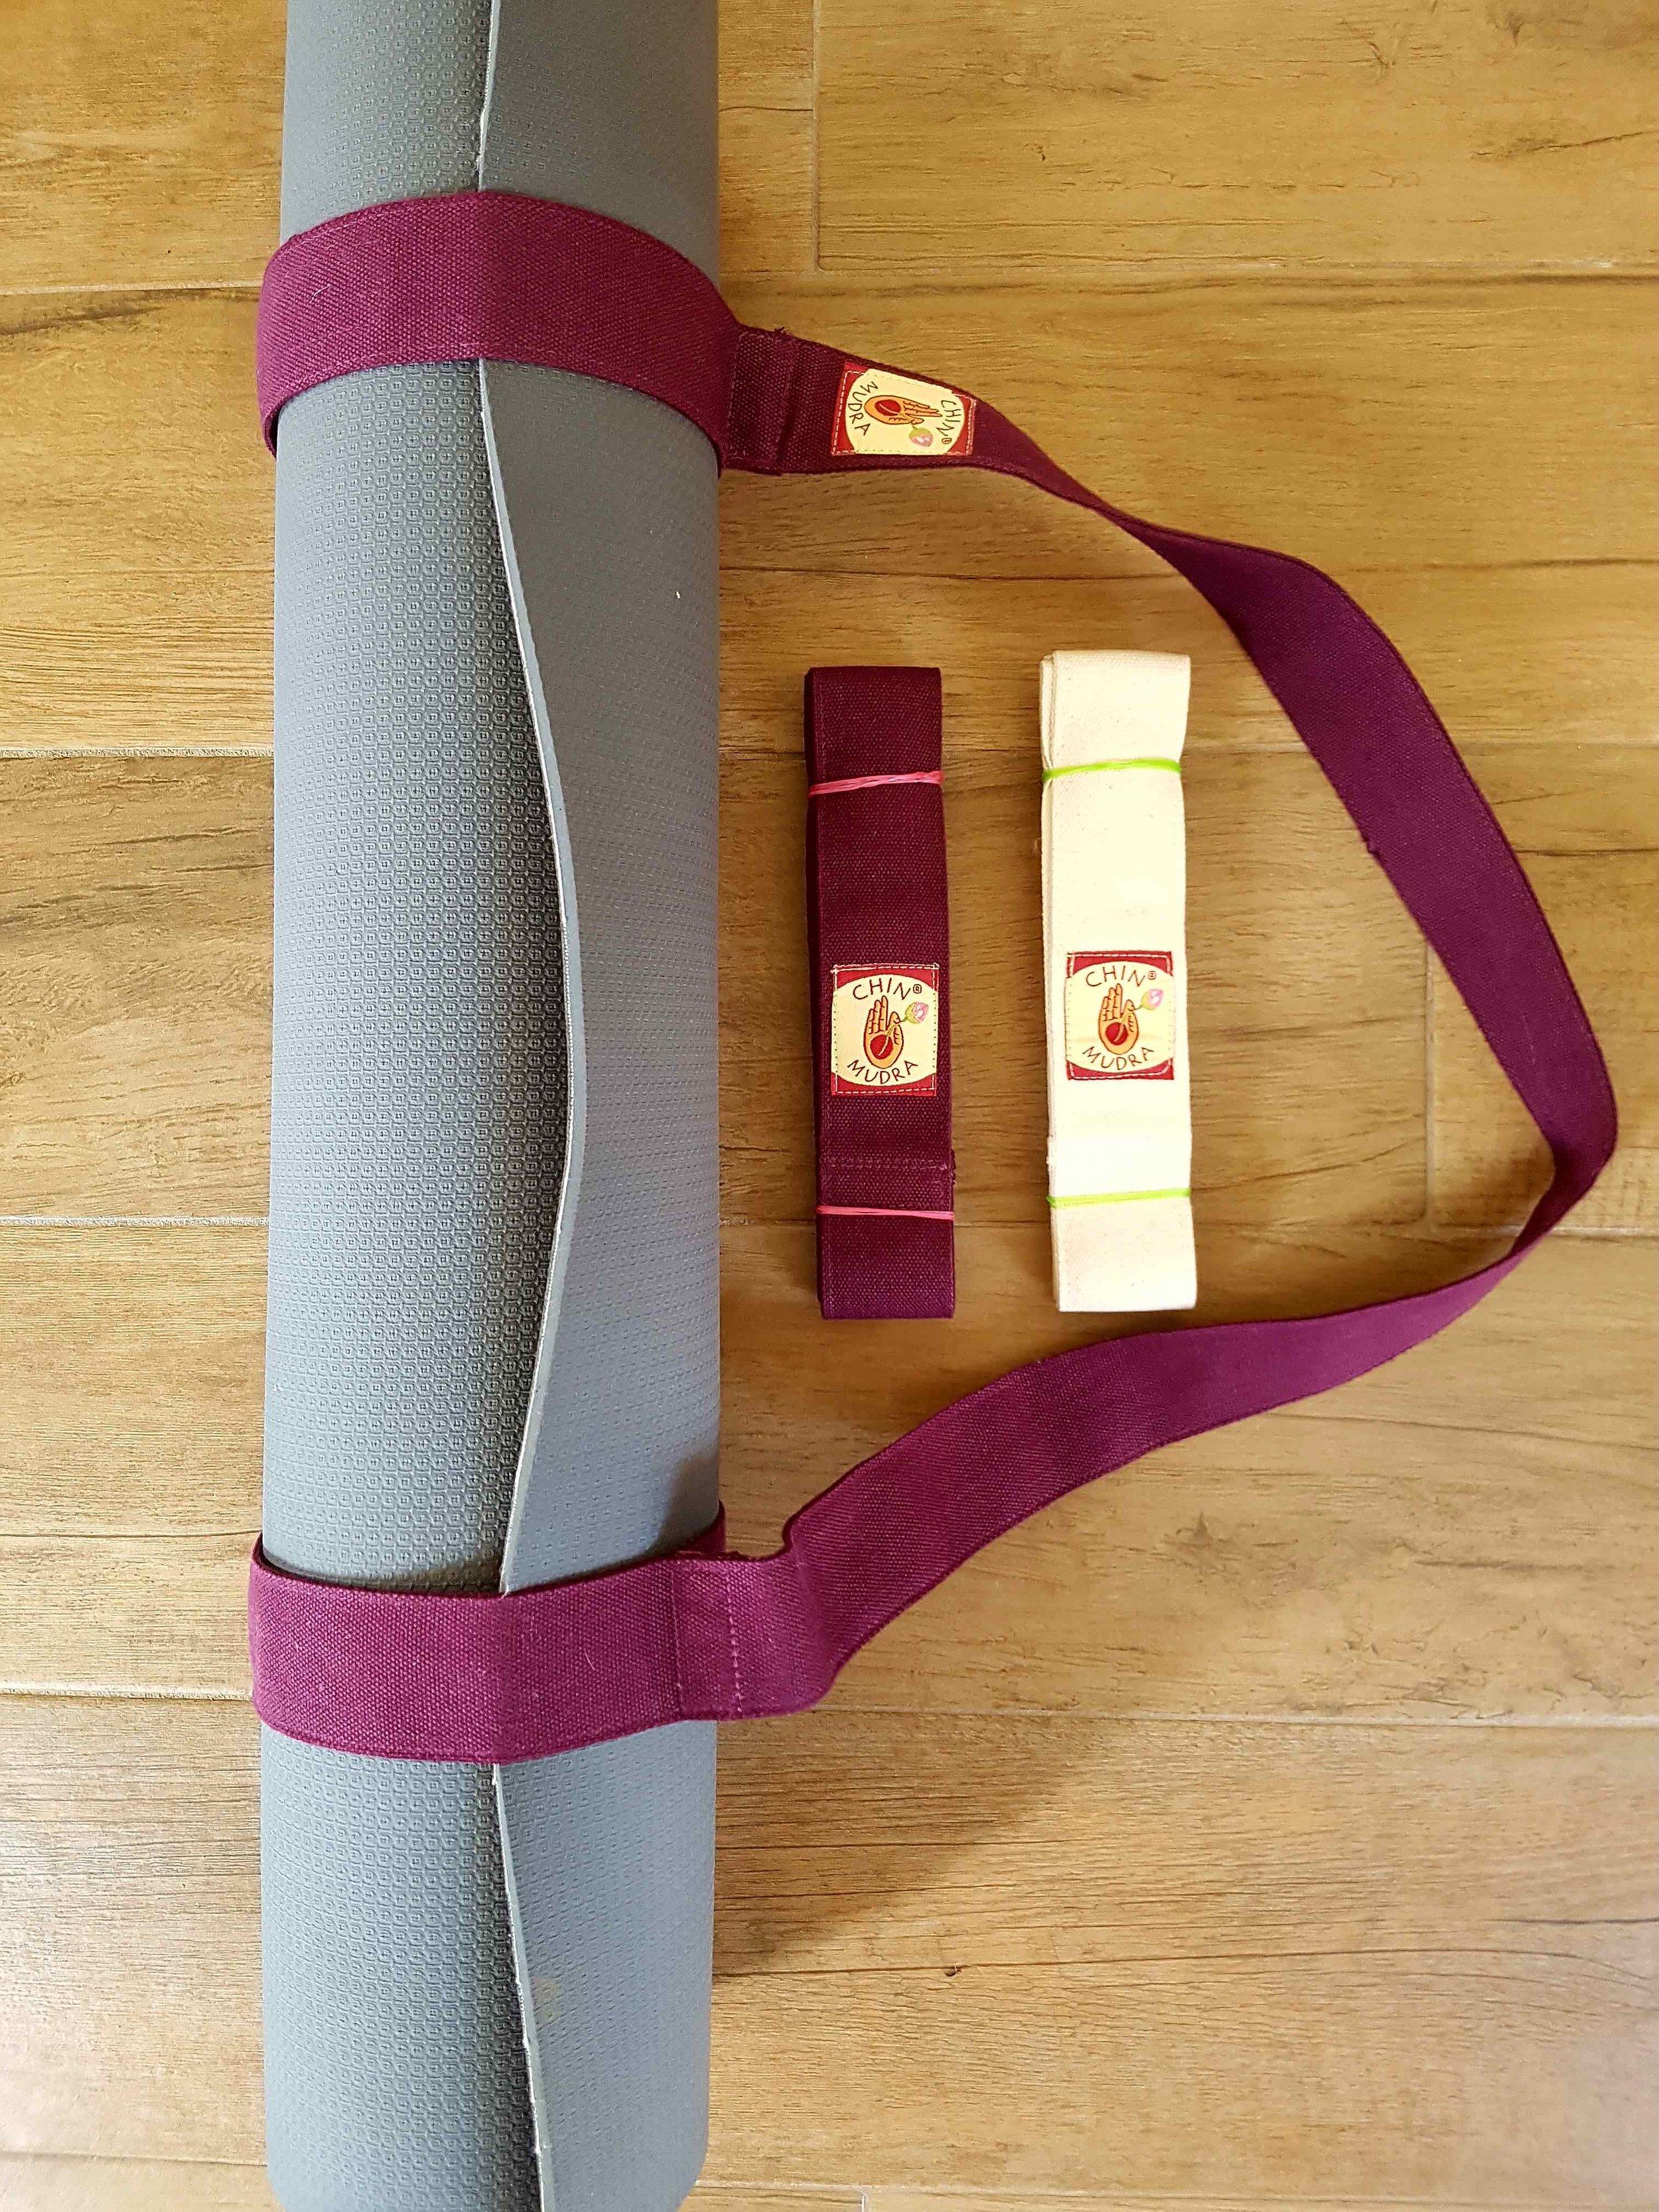 Sangles de tapis - Sangle de transport 14€TTC100% coton issue de l'agriculture biologique. Pratique pour transporter un tapis de yoga. Le tapis reste maintenu grâce à une bande velcro.indisponible